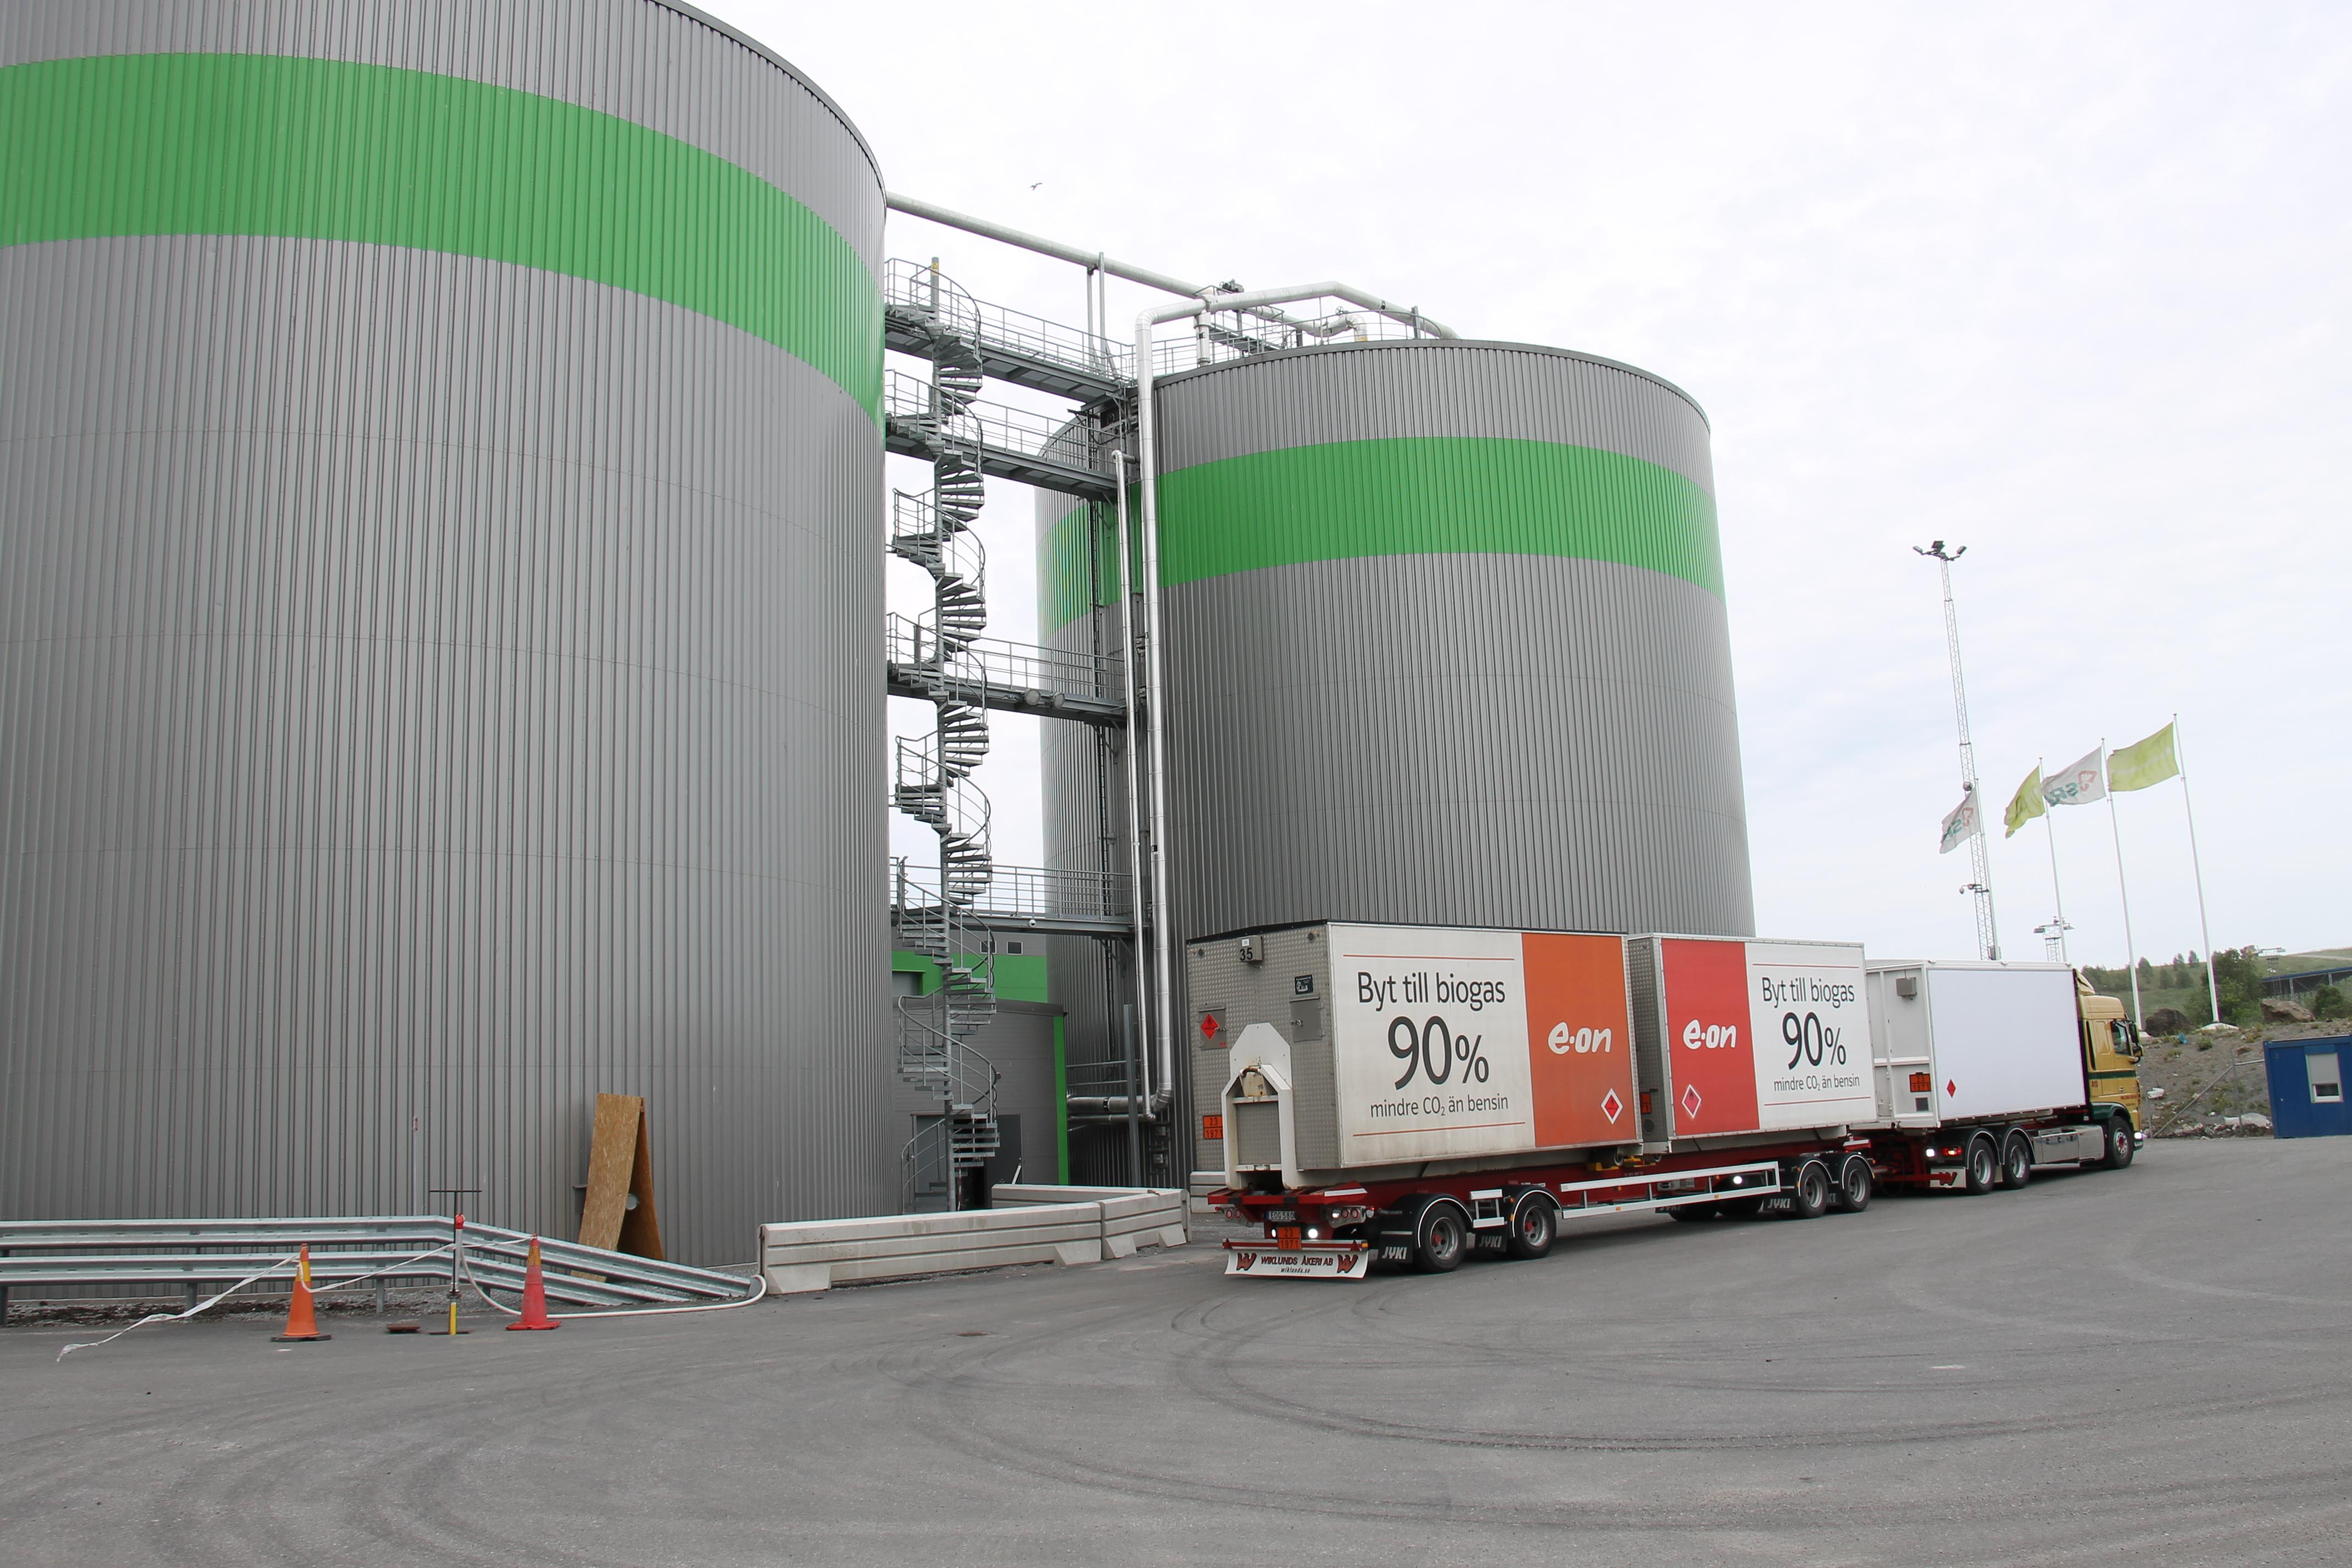 Os biodigestores da Scandinavian Biogas são capazes de processar 70 mil toneladas de resíduos alimentares para gerar biometano para ônibus, carros e caminhões